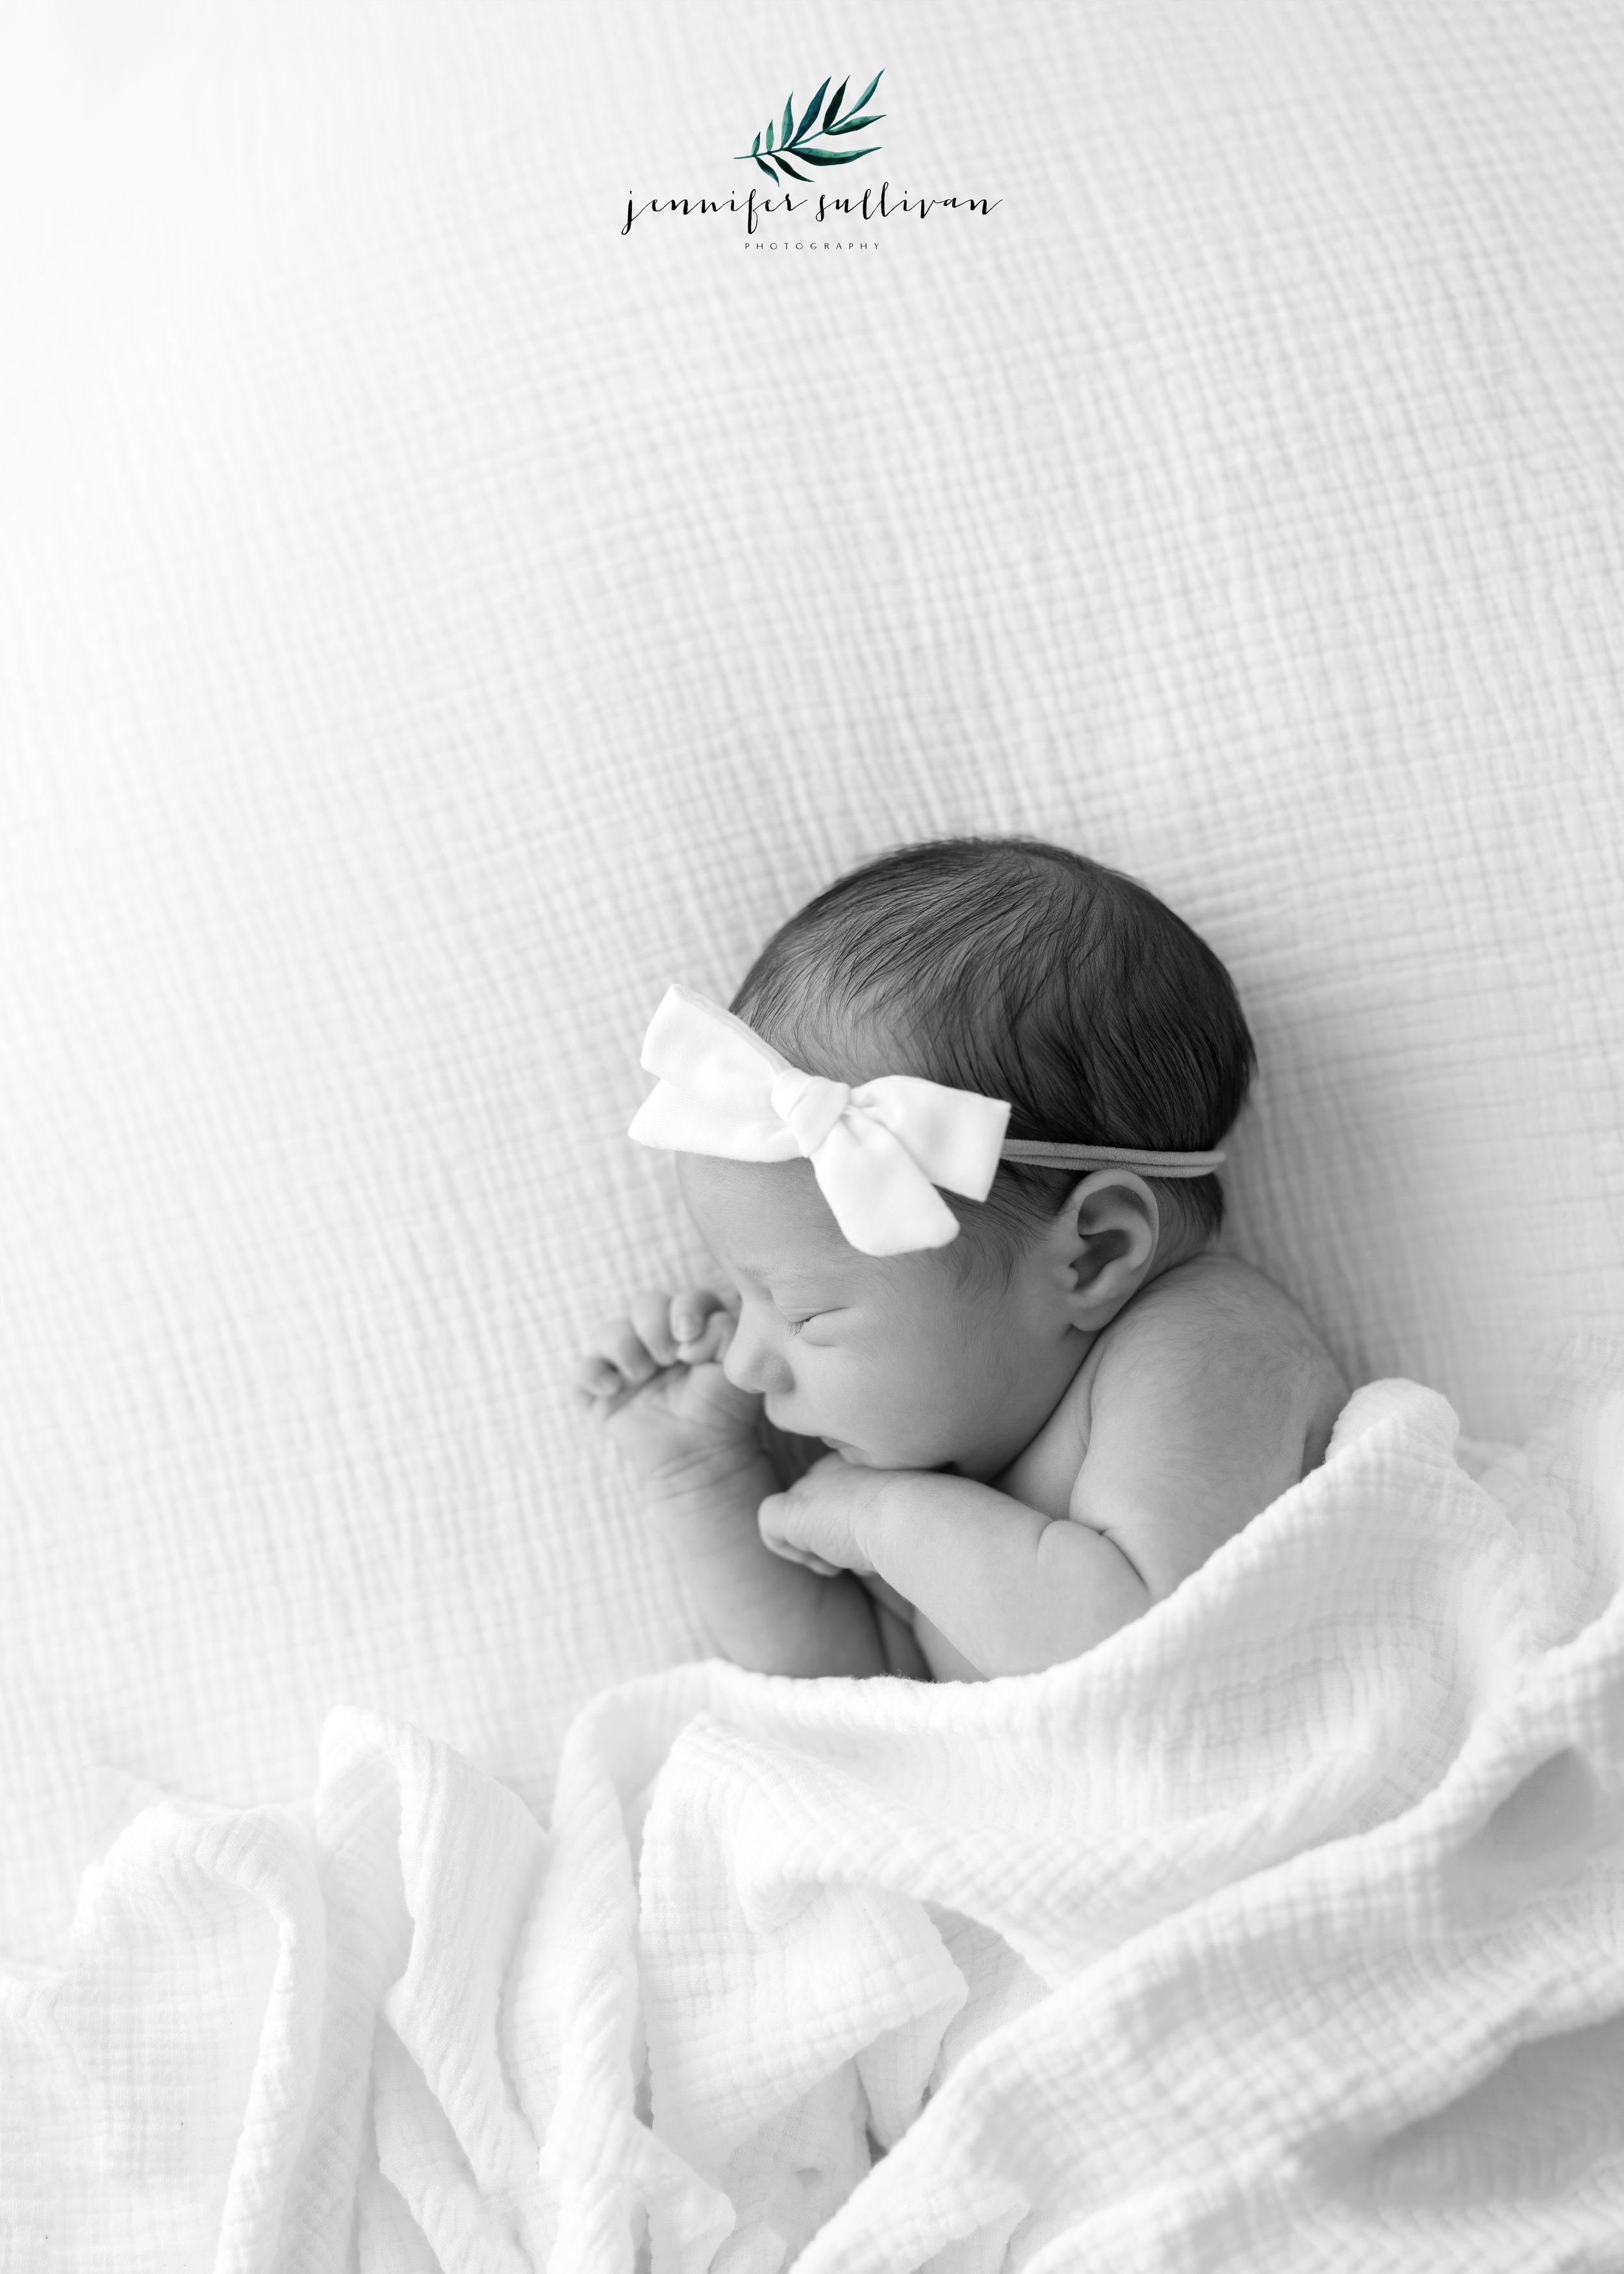 DARTMOUTH_Massachusetts_newborn_PHOTOGRAPHER-400-12.jpg